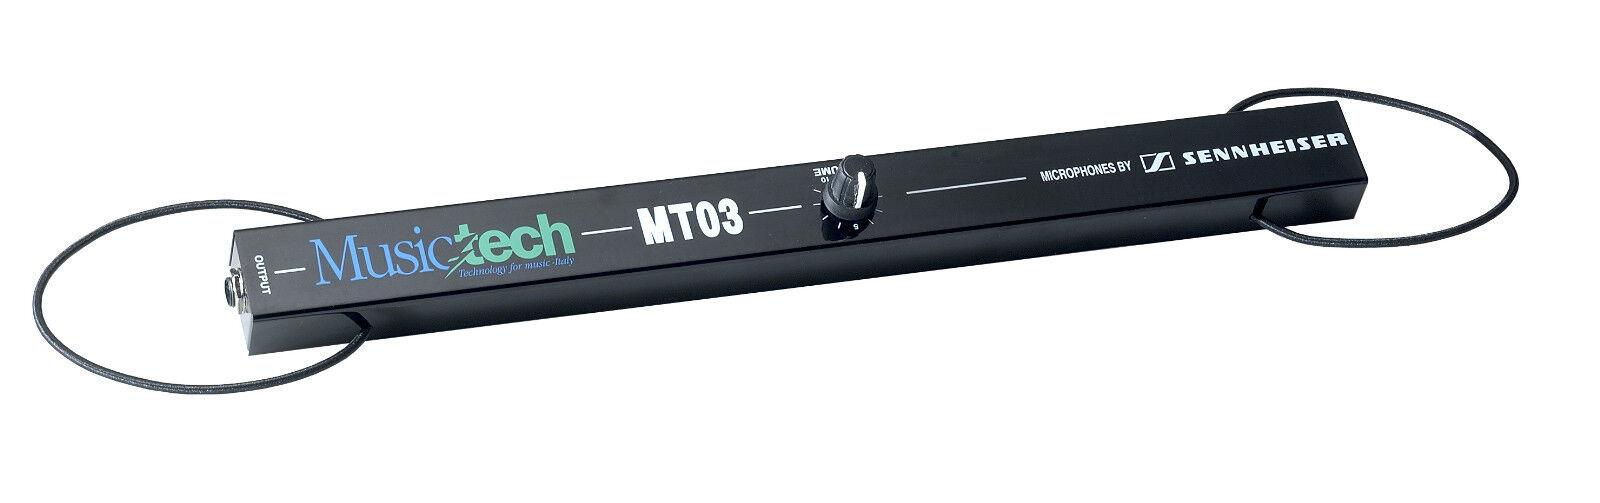 Sennheiser Accordion Microphone External MT-03EN DIY Adjustable Gain, TRS 1 4